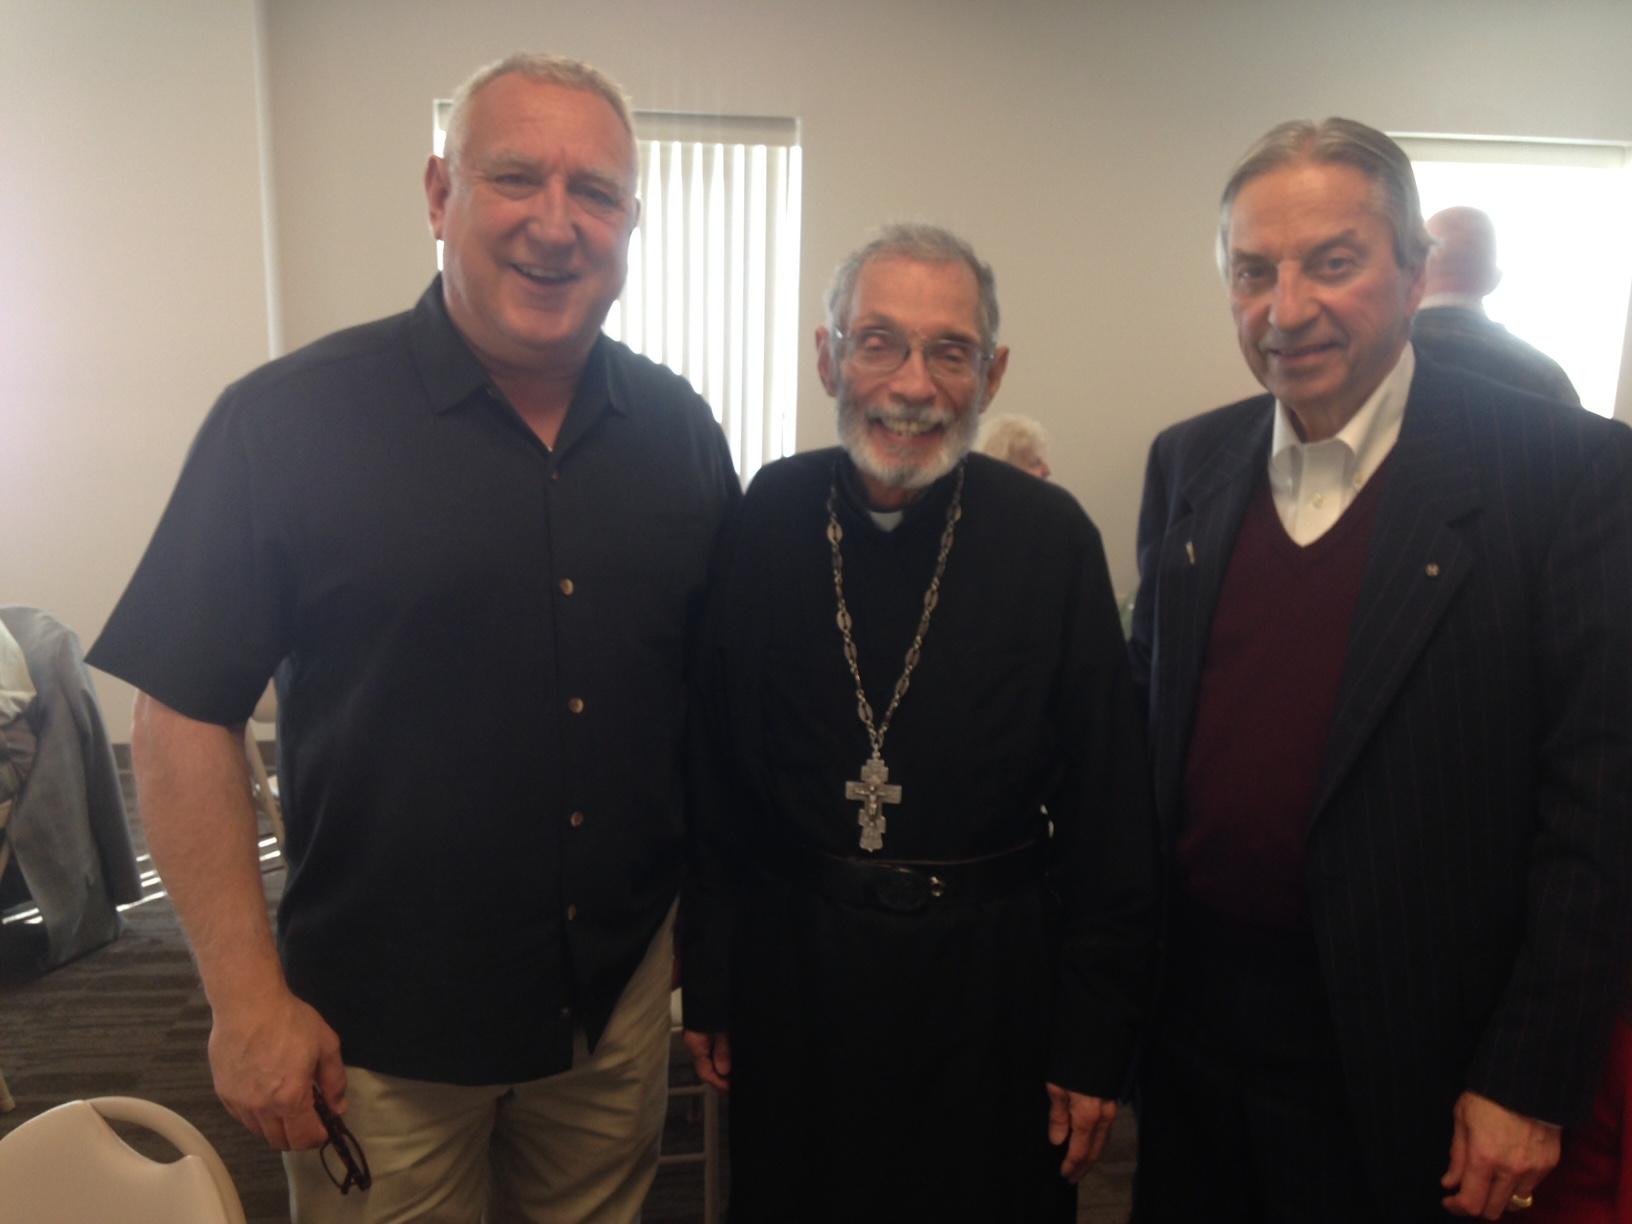 Sam, Fr. Ambrose, Tim